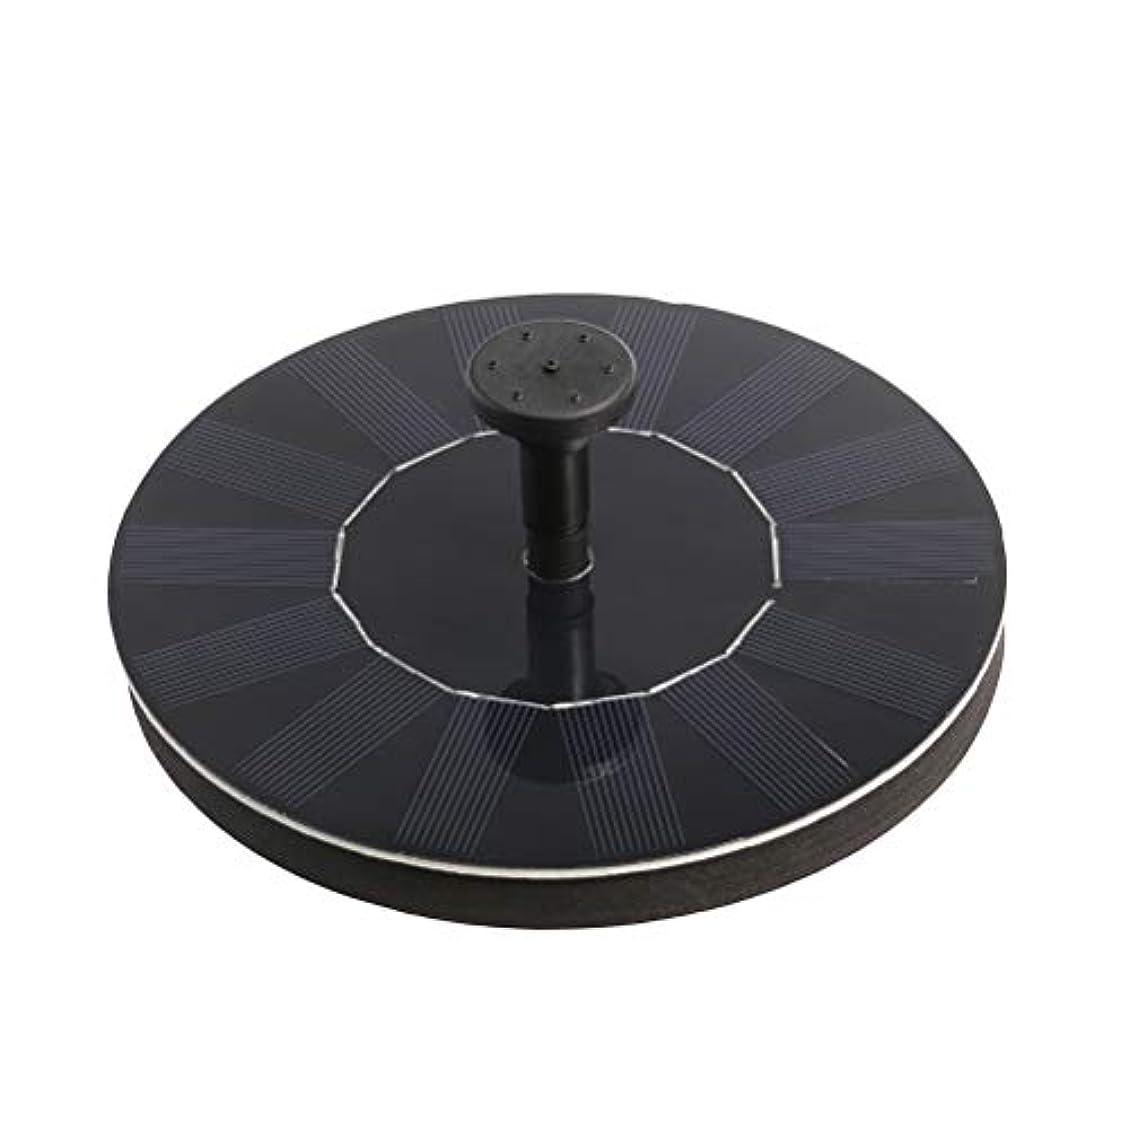 黒信頼できる接続VOSAREA 噴水太陽動力を与えられた水ポンプの鳥の浴槽の鳥の浴槽のための漂うパネルプールの池水槽水族館の庭の芝生??(1.4W)